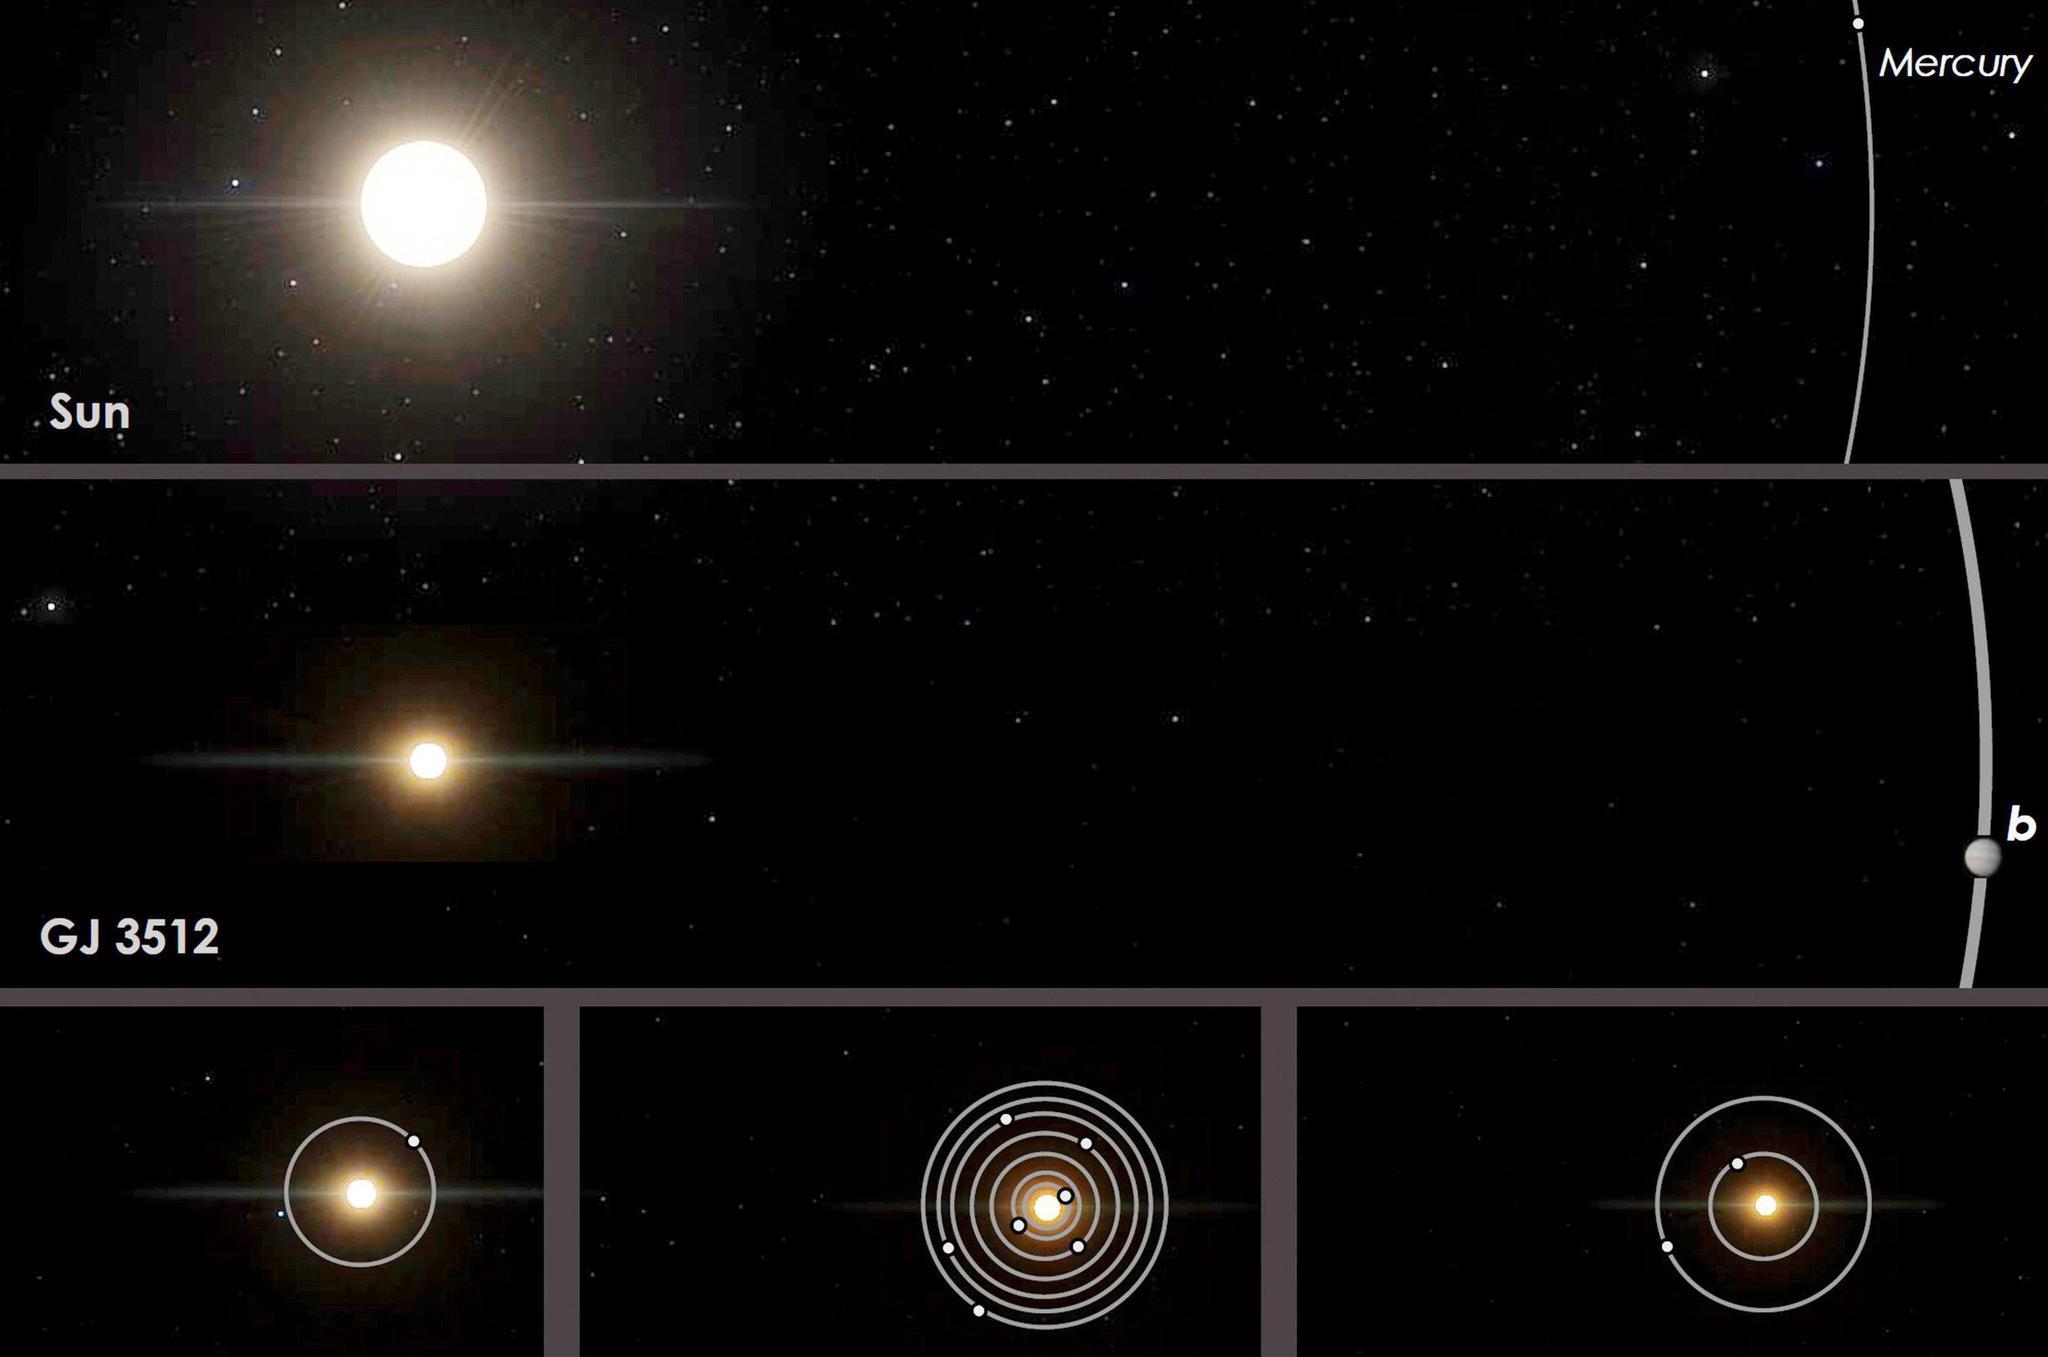 """红矮星GJ 3512和其新近识别出的气态巨行星GJ 5312b,它们与太阳系和其他邻近的红矮星系统的轨道比较。图源:""""spokesman""""网站"""